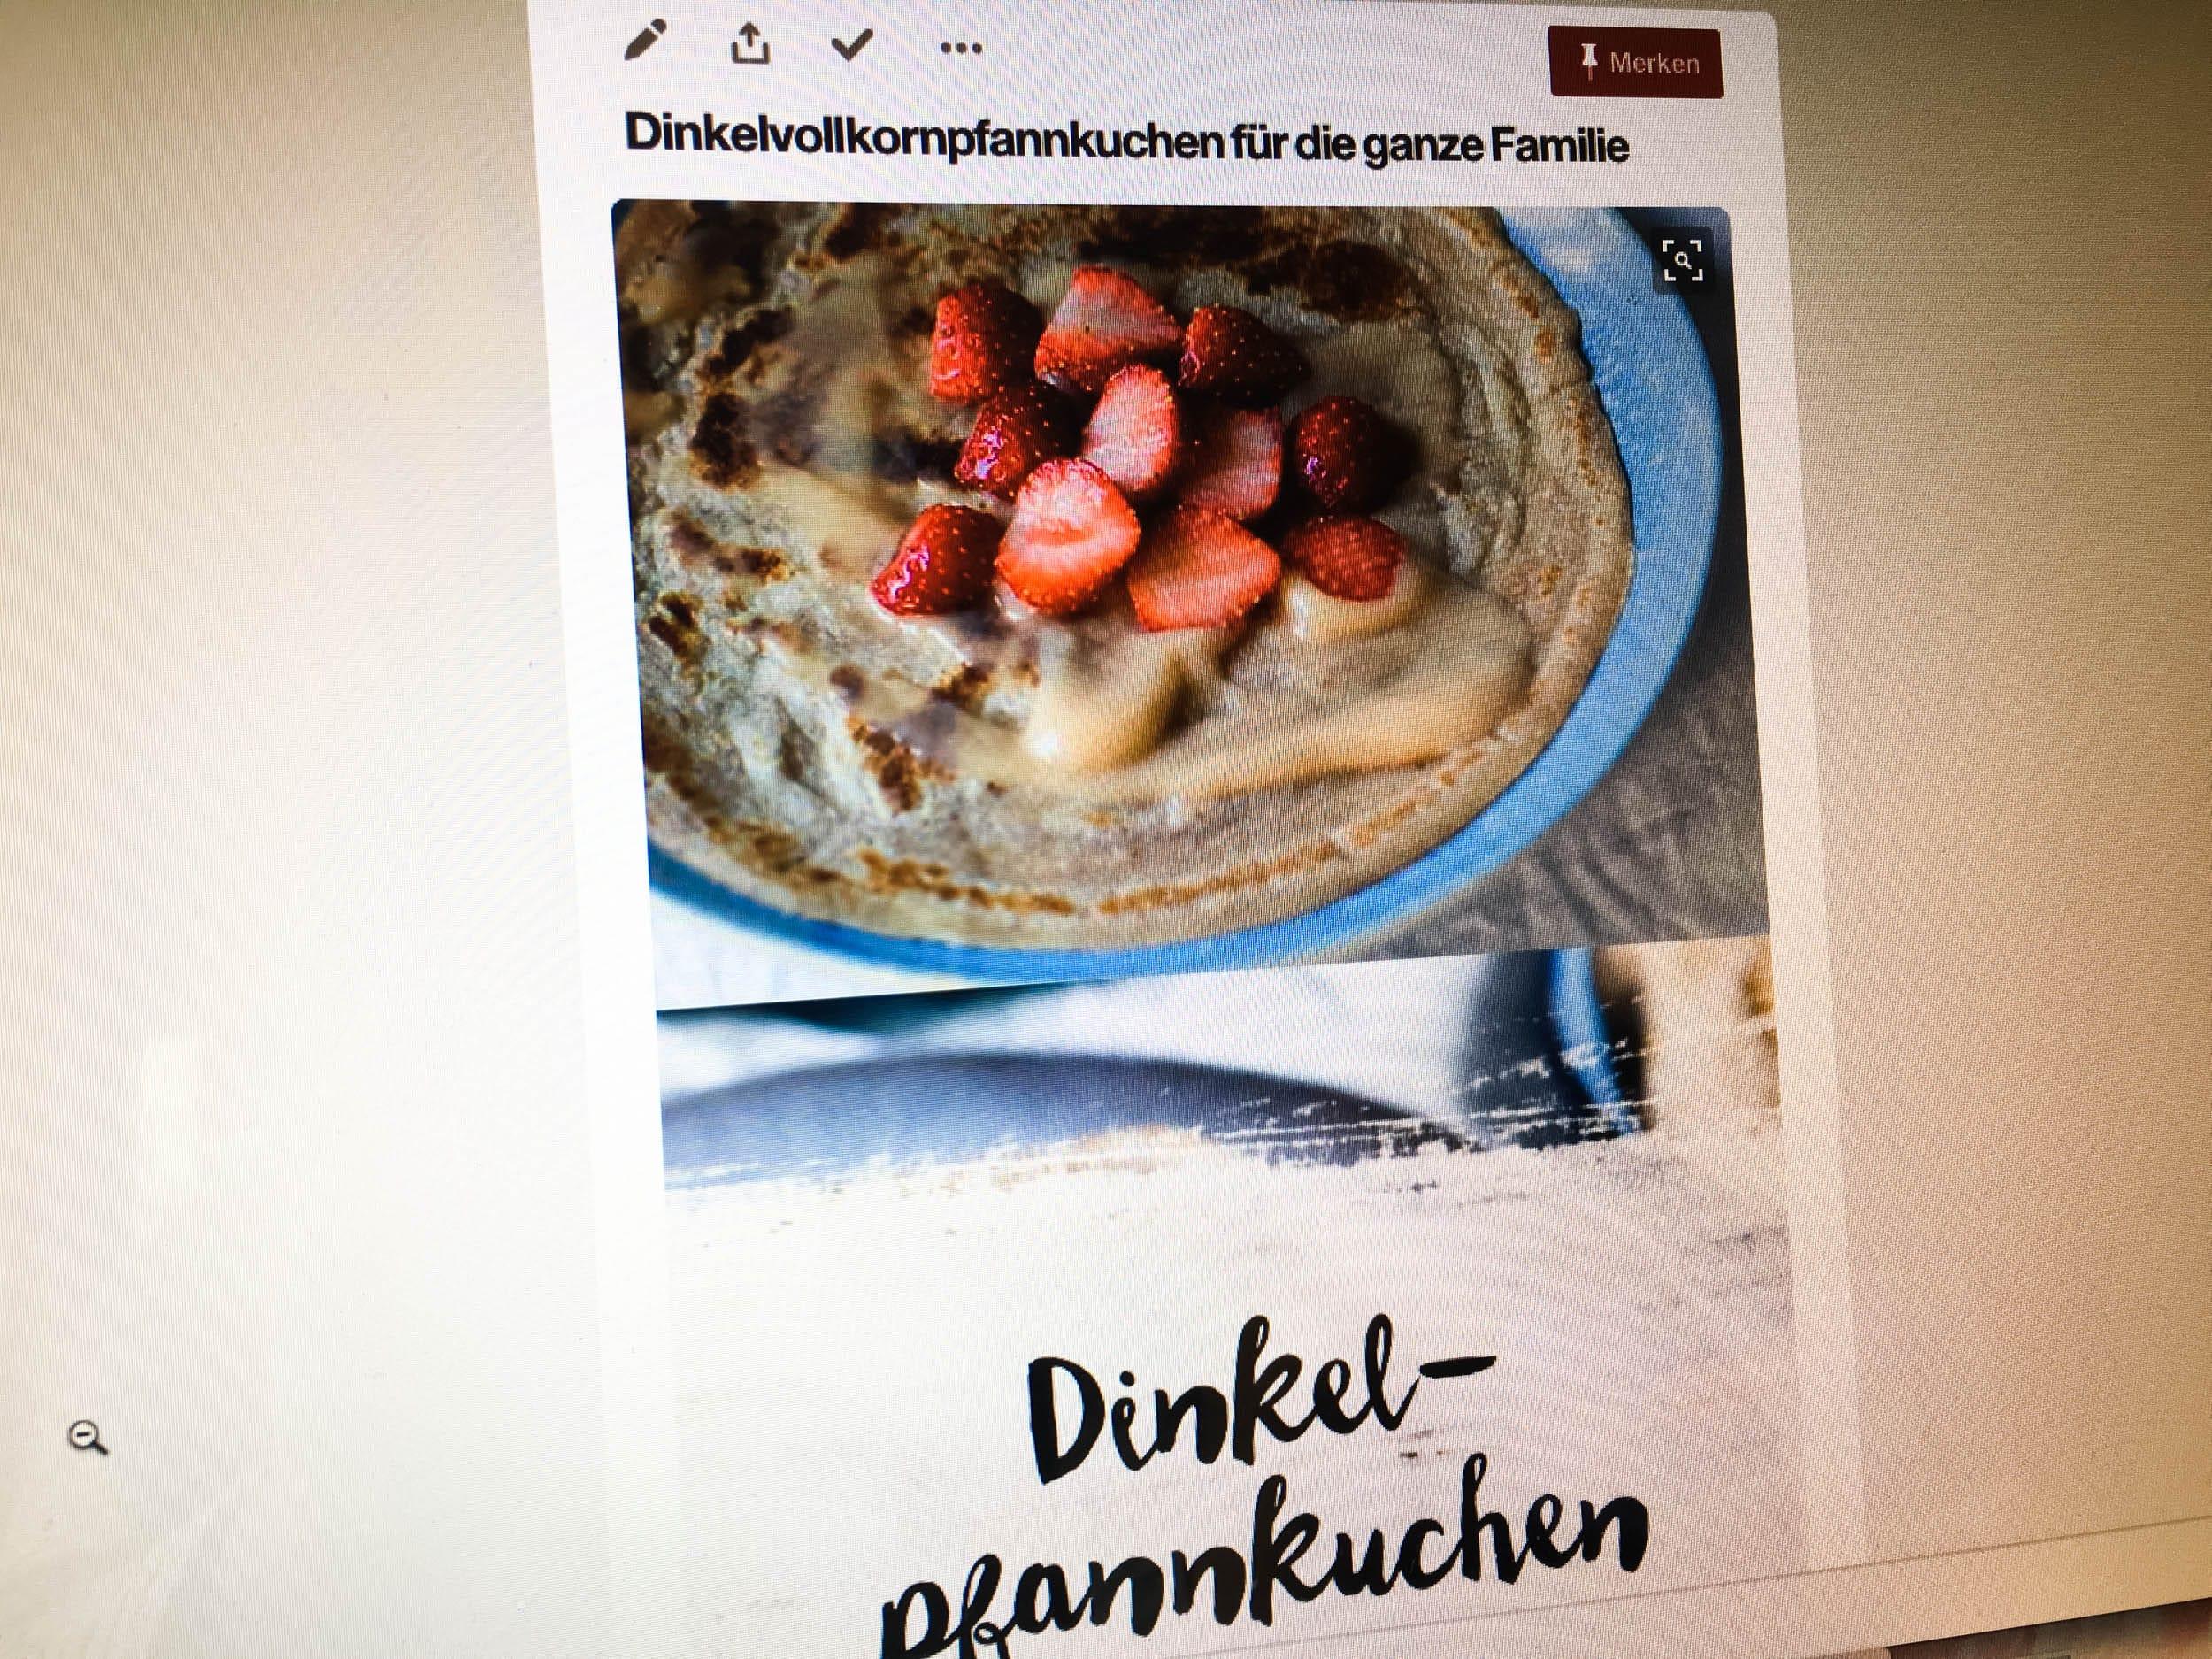 Dinkelvollkornpfannkuchen | Rezept | Pinterest | ivy.li